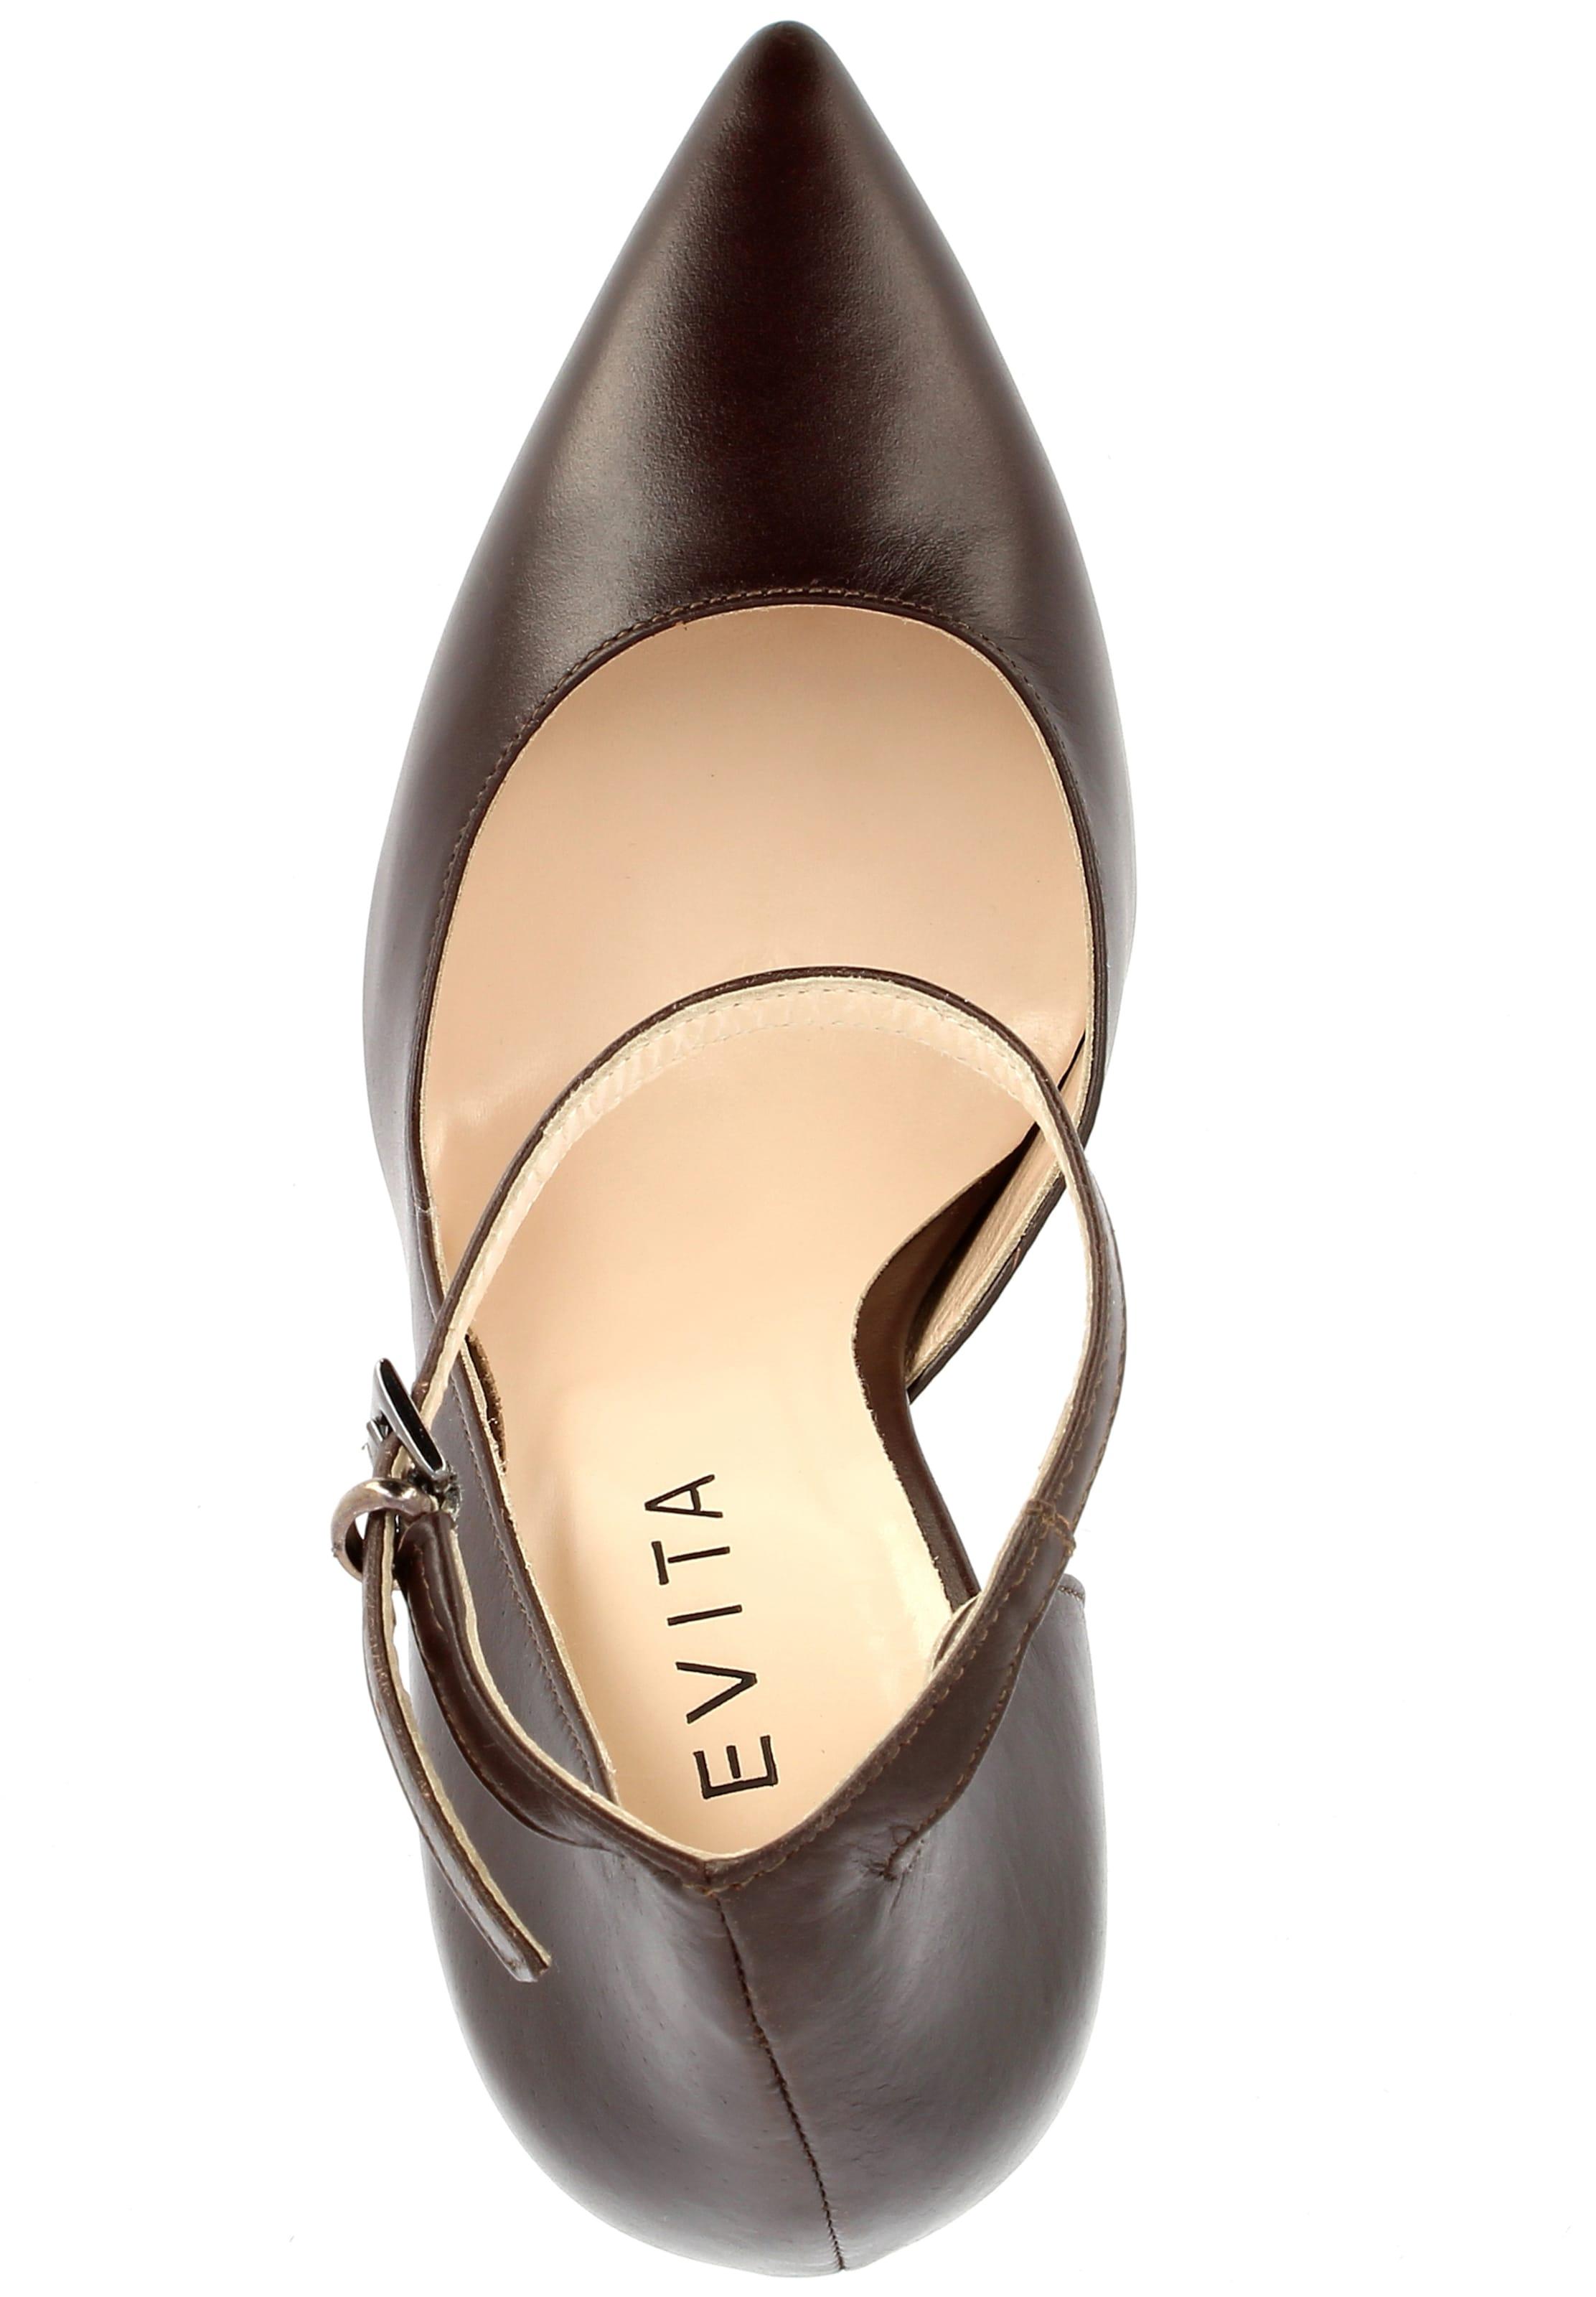 Escarpins Evita Marron Marron Escarpins Escarpins En Evita En Evita nm80wvN